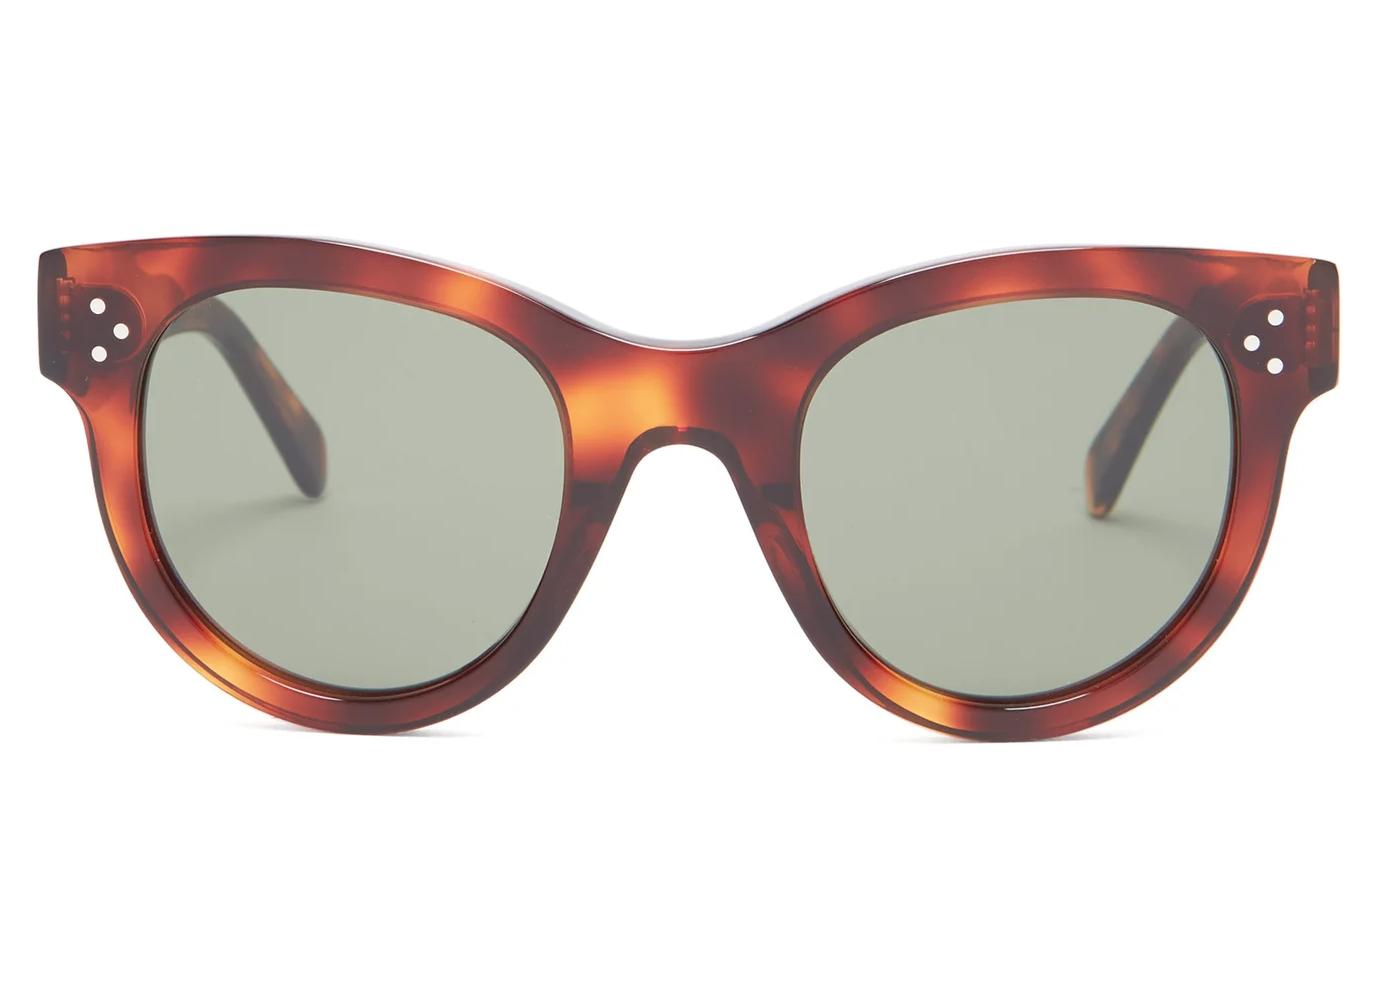 Celine Eyewear Baby Audrey cat-eye acetate sunglasses